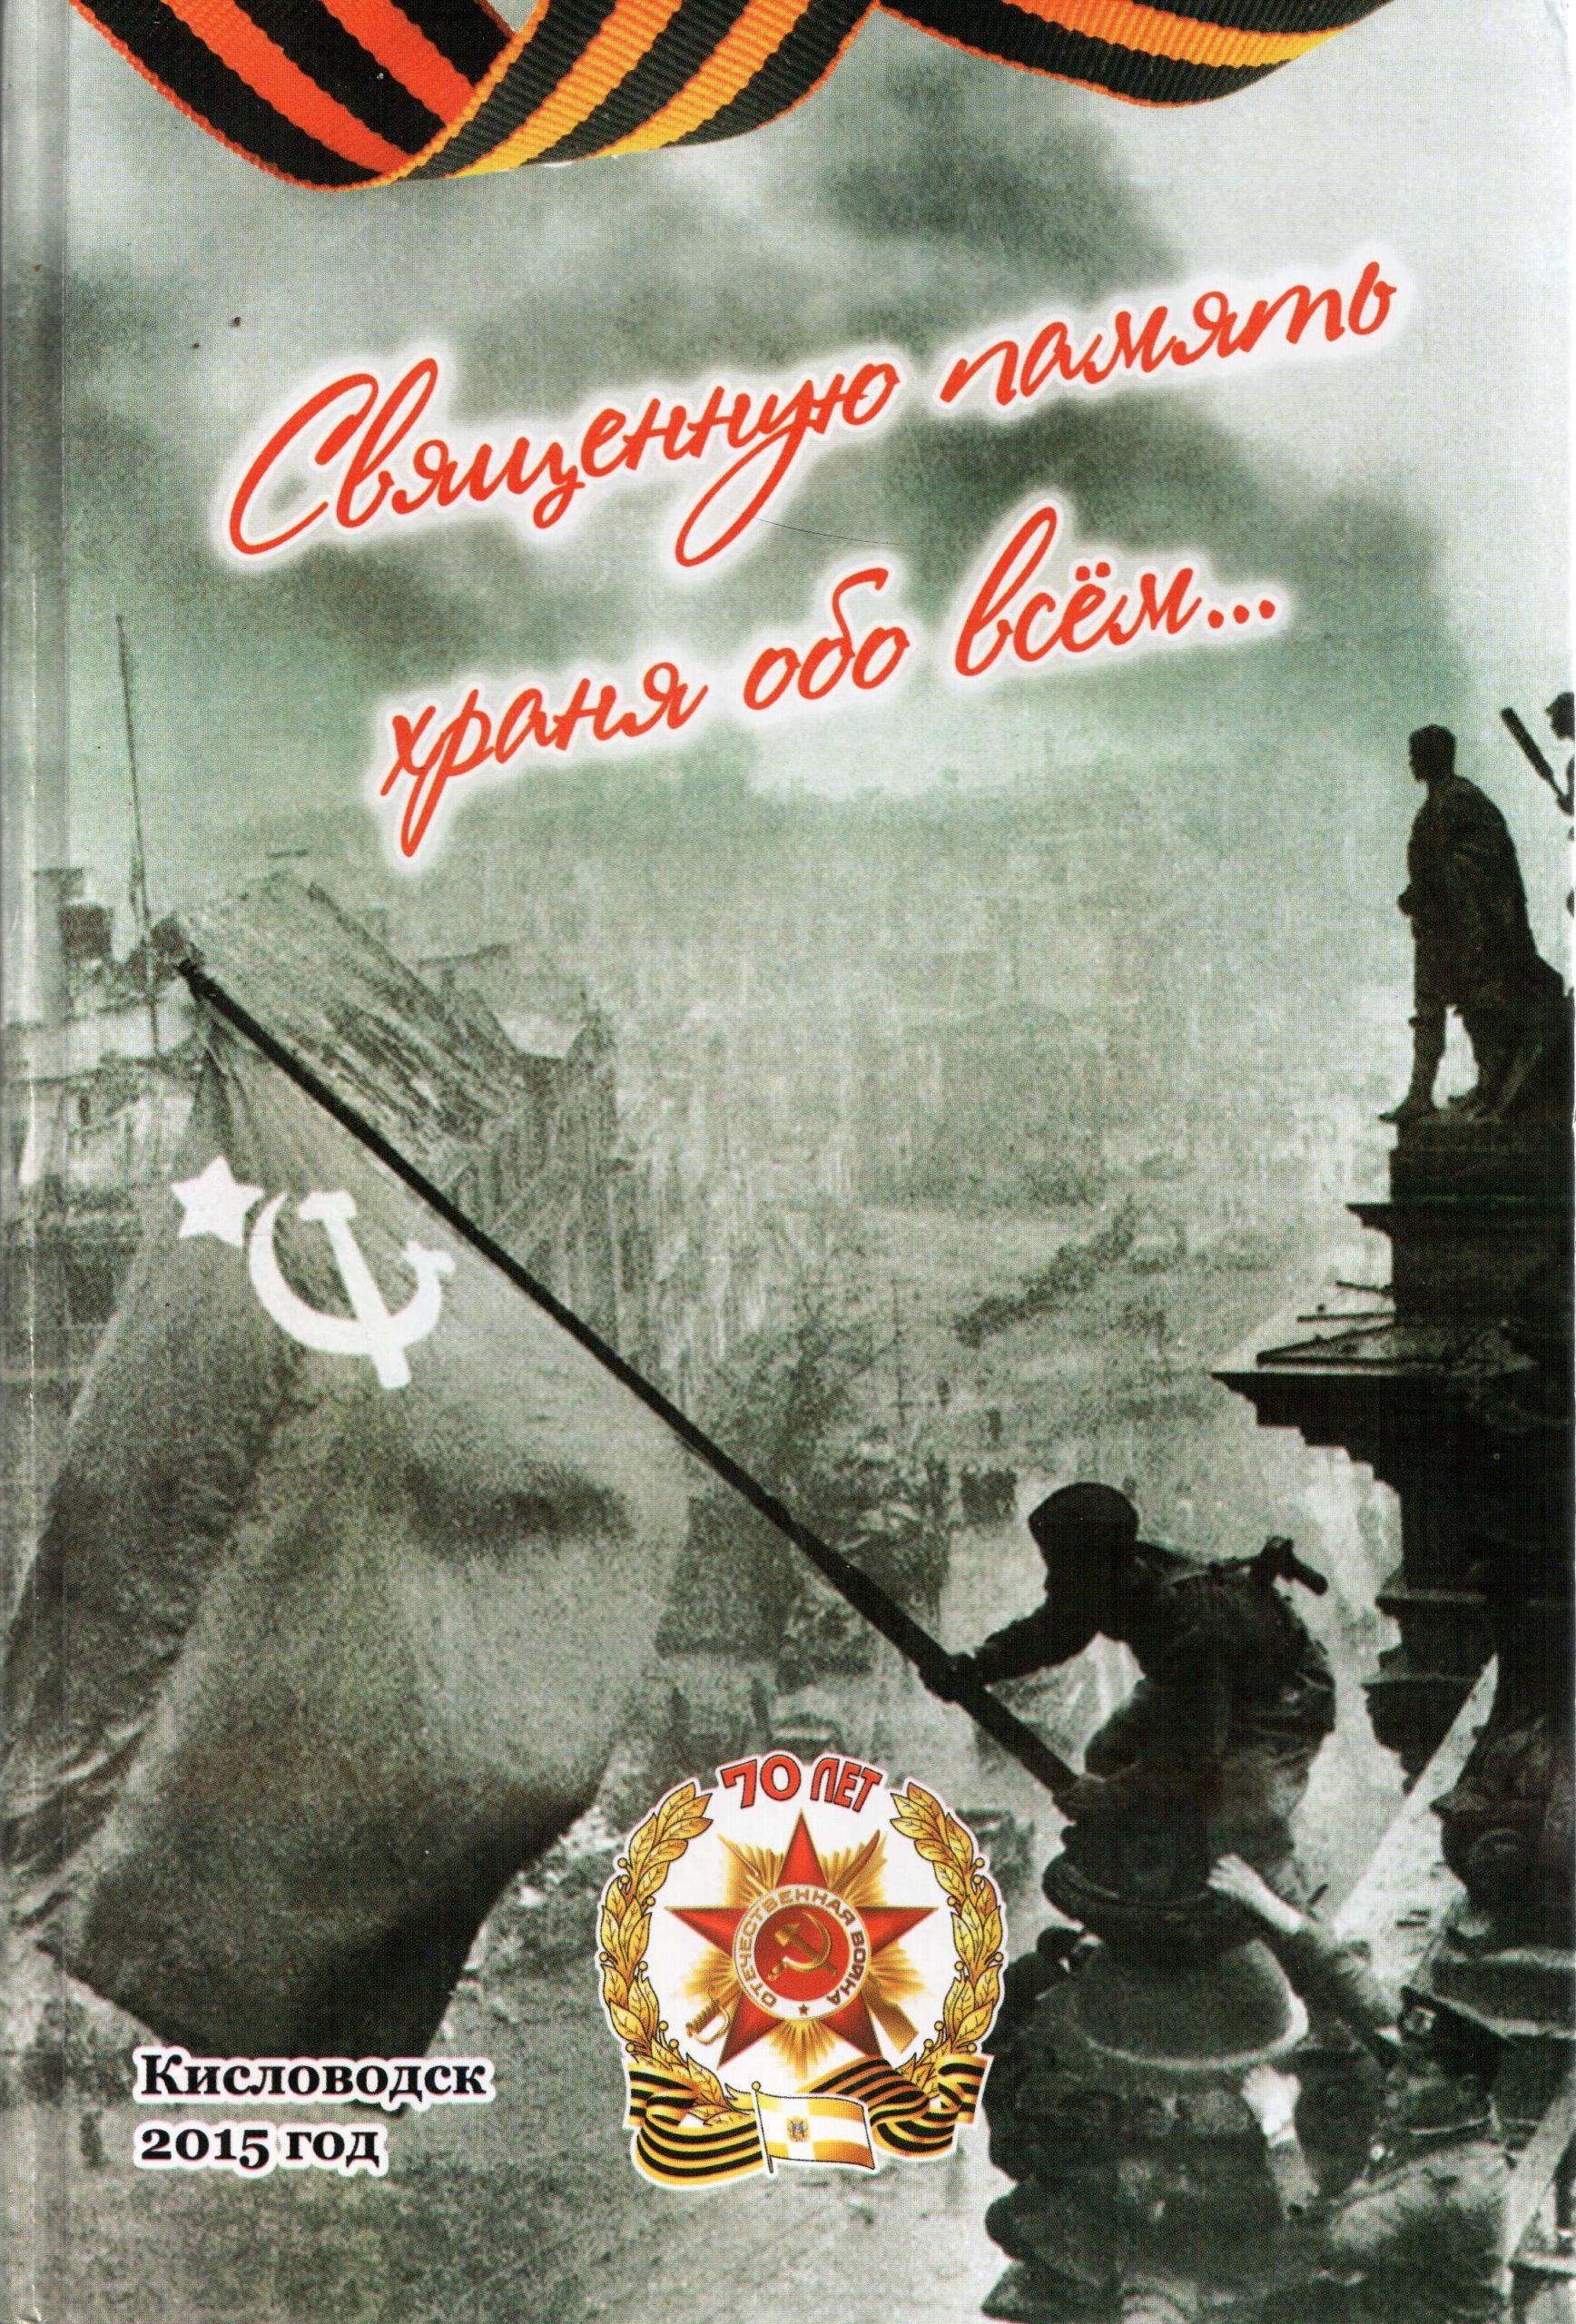 КРАЕВЕДЫ ЦЕНТУРА  ГОТОВЯТСЯ К КОНКУРСУ ЭКСКУРСОВОДОВ-2015